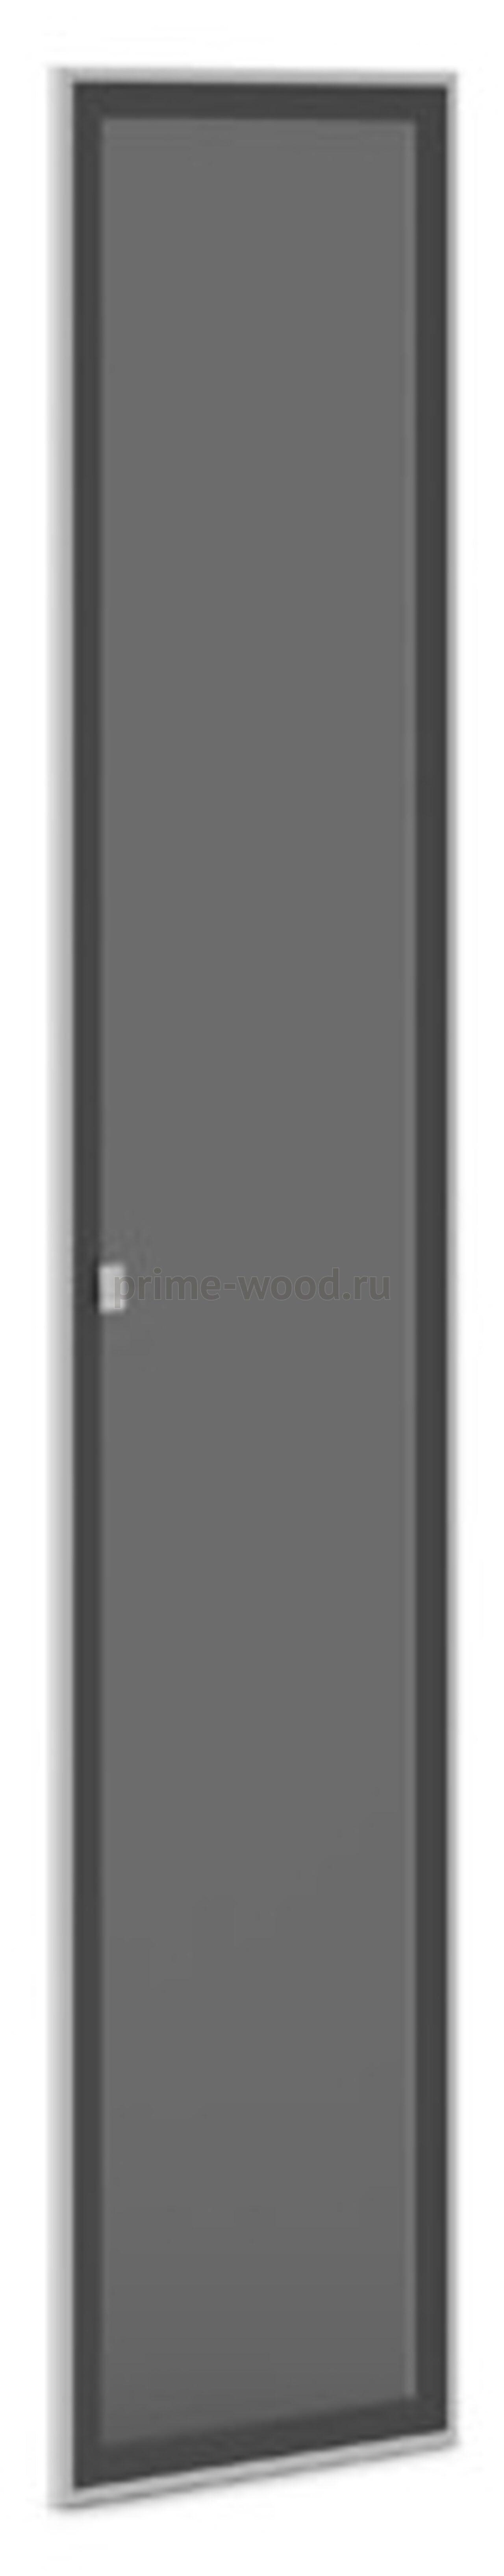 Двери стеклянные тонированные в алюминиевом профиле  Vasanta 41x2x211 - фото 1